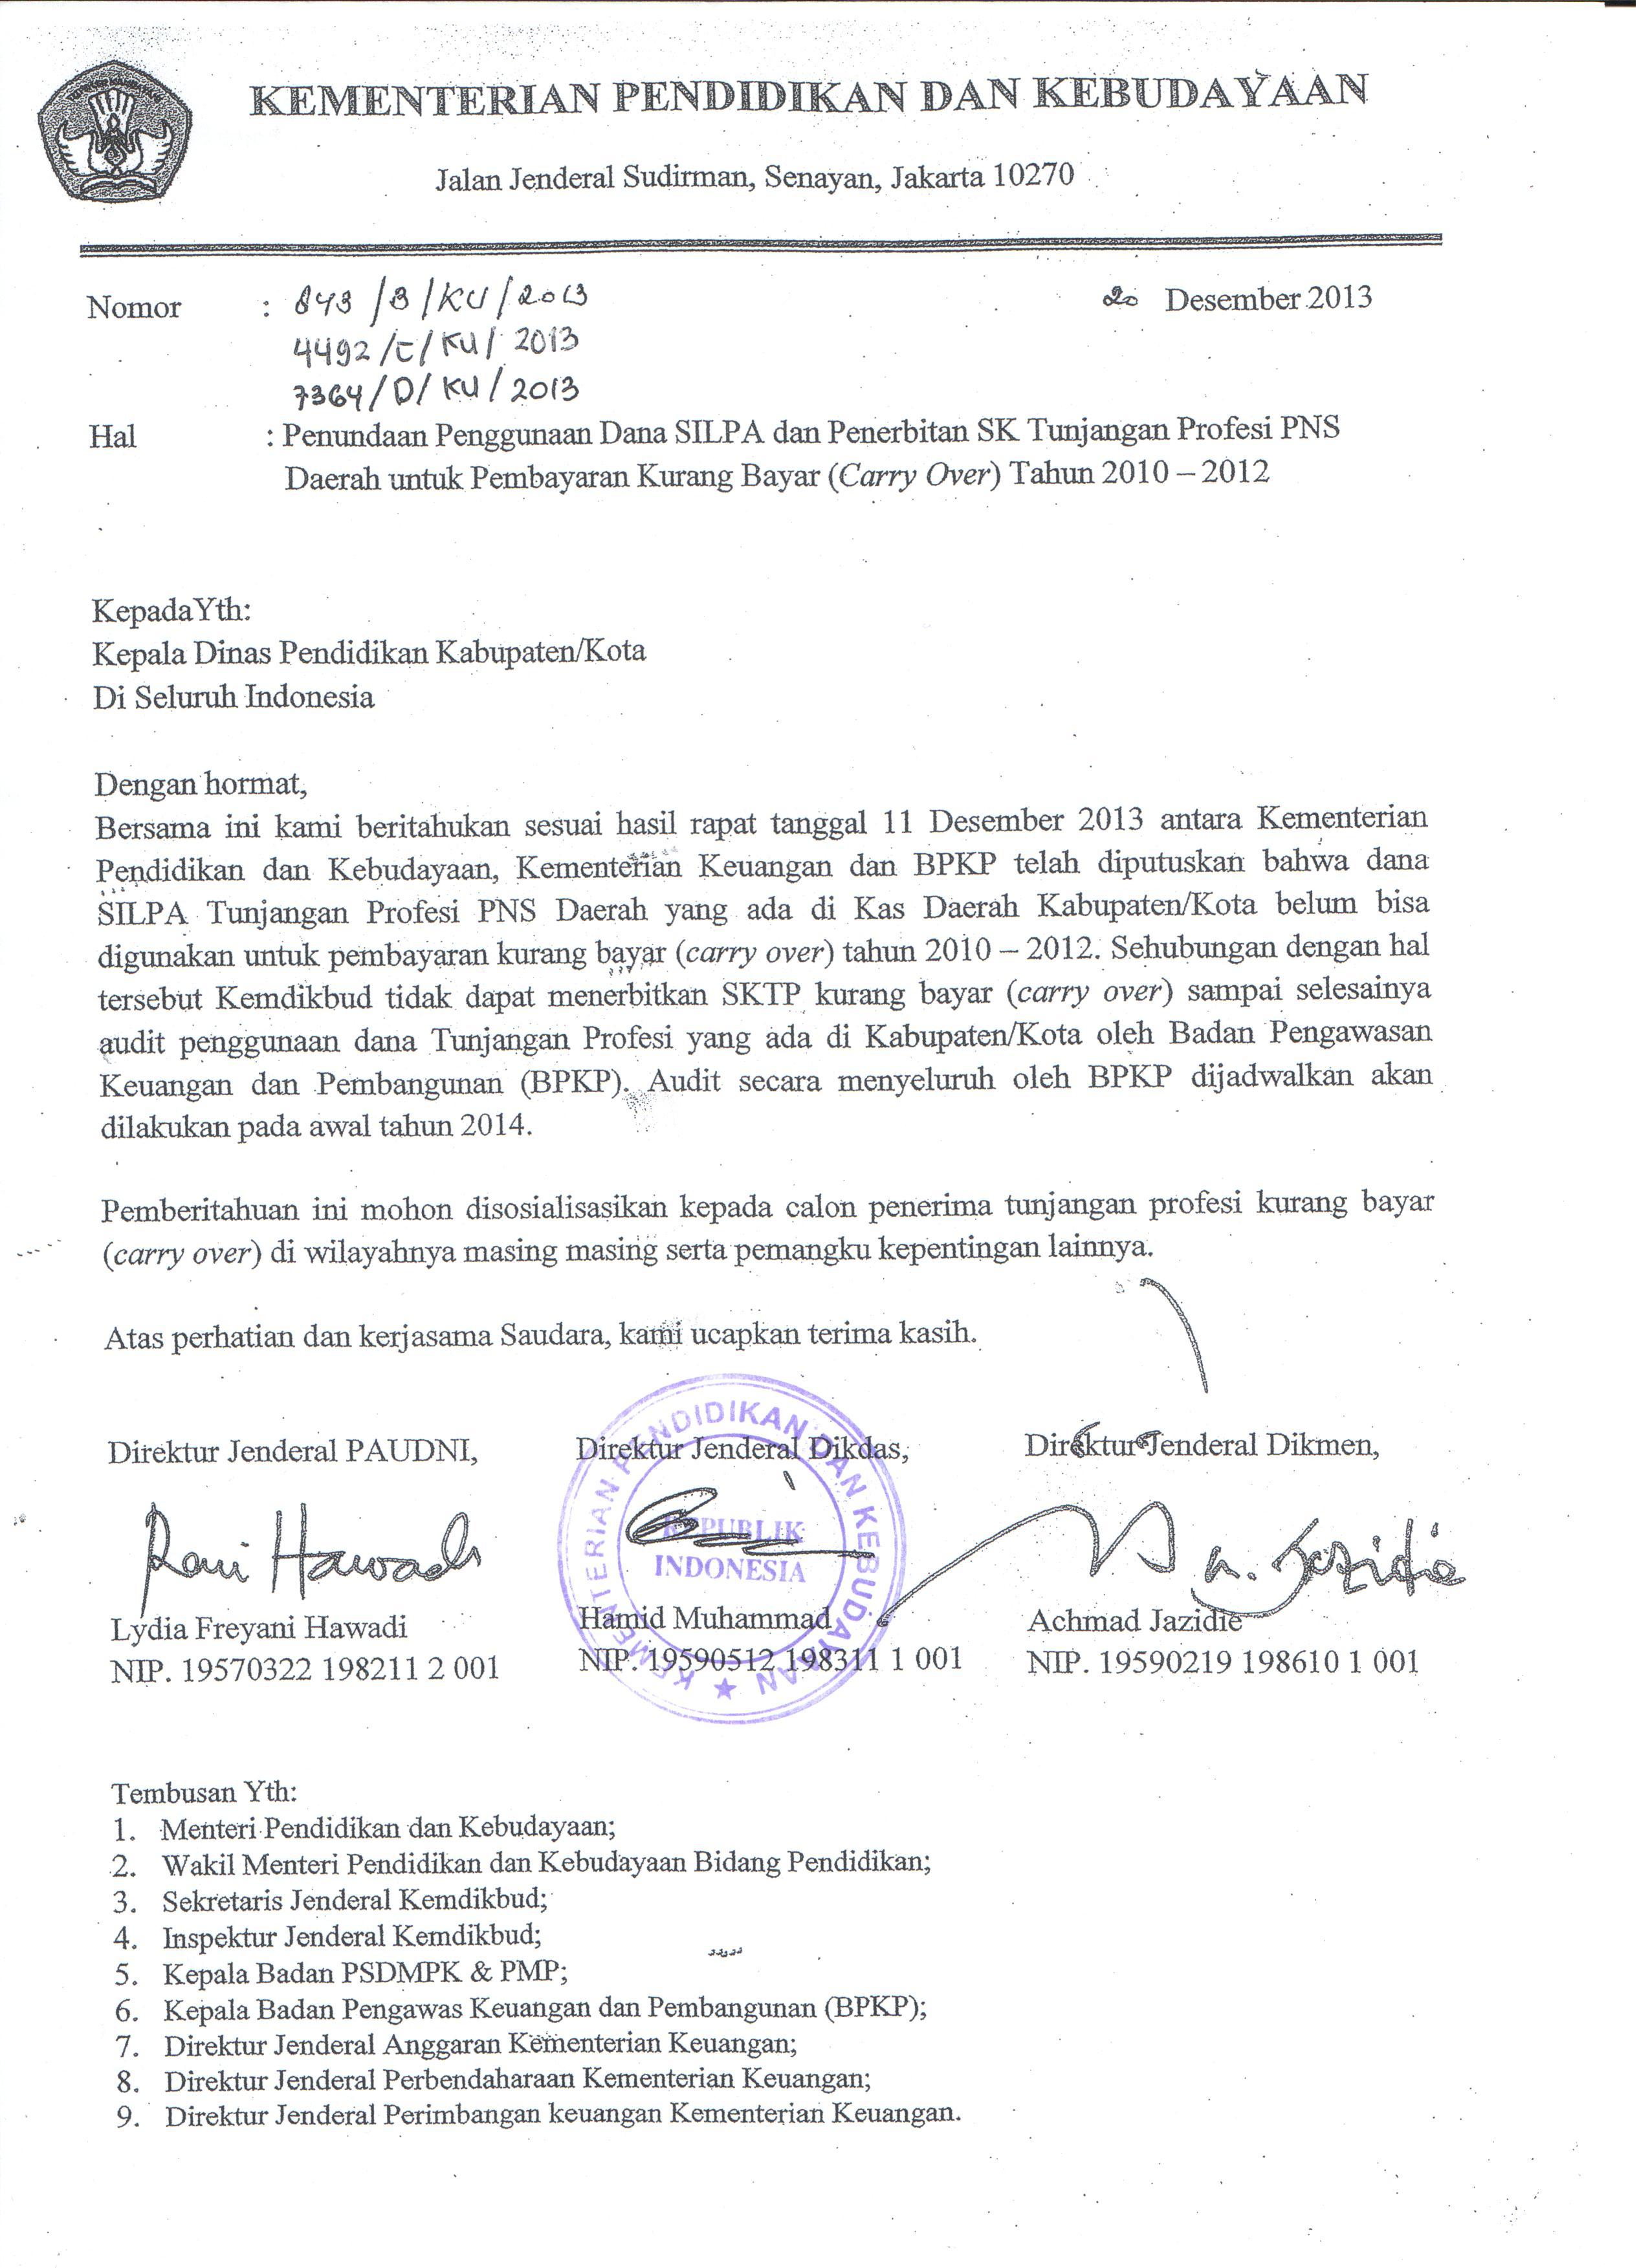 Contoh Surat Pernyataan Bukan Pns - 9ppuippippyhytut